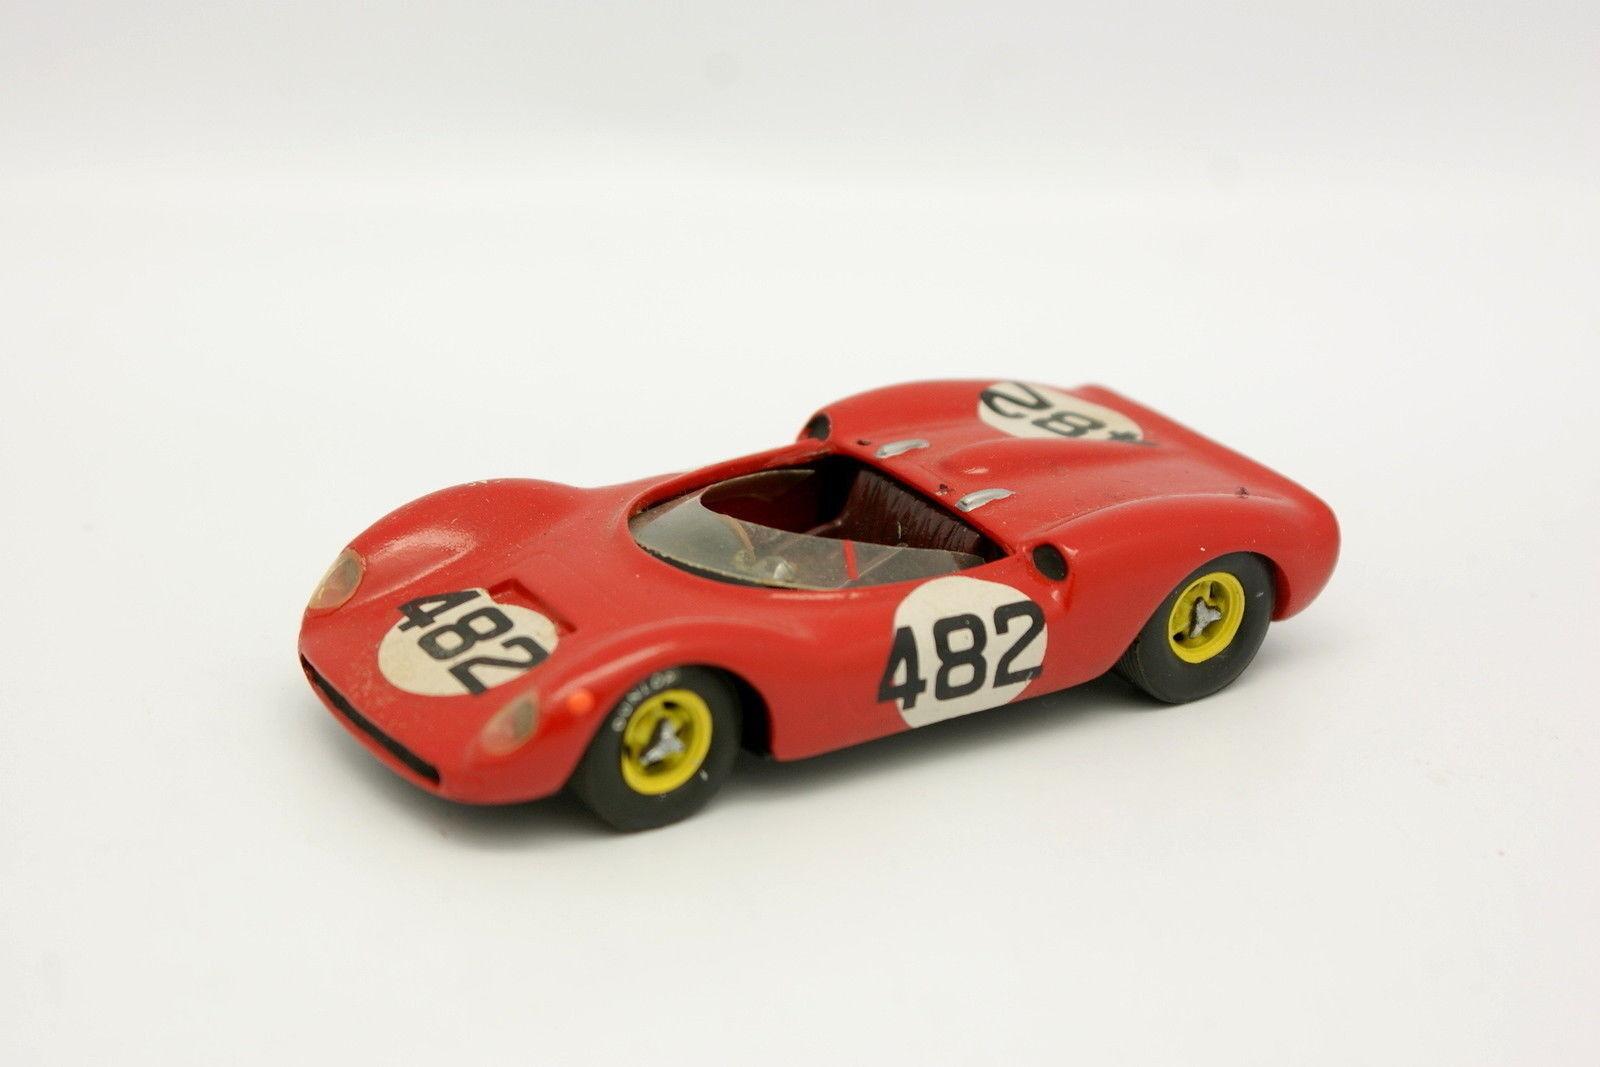 Autostile kit monté monté monté 1 43 - Ferrari Dino 1965 N°482 1a00f4